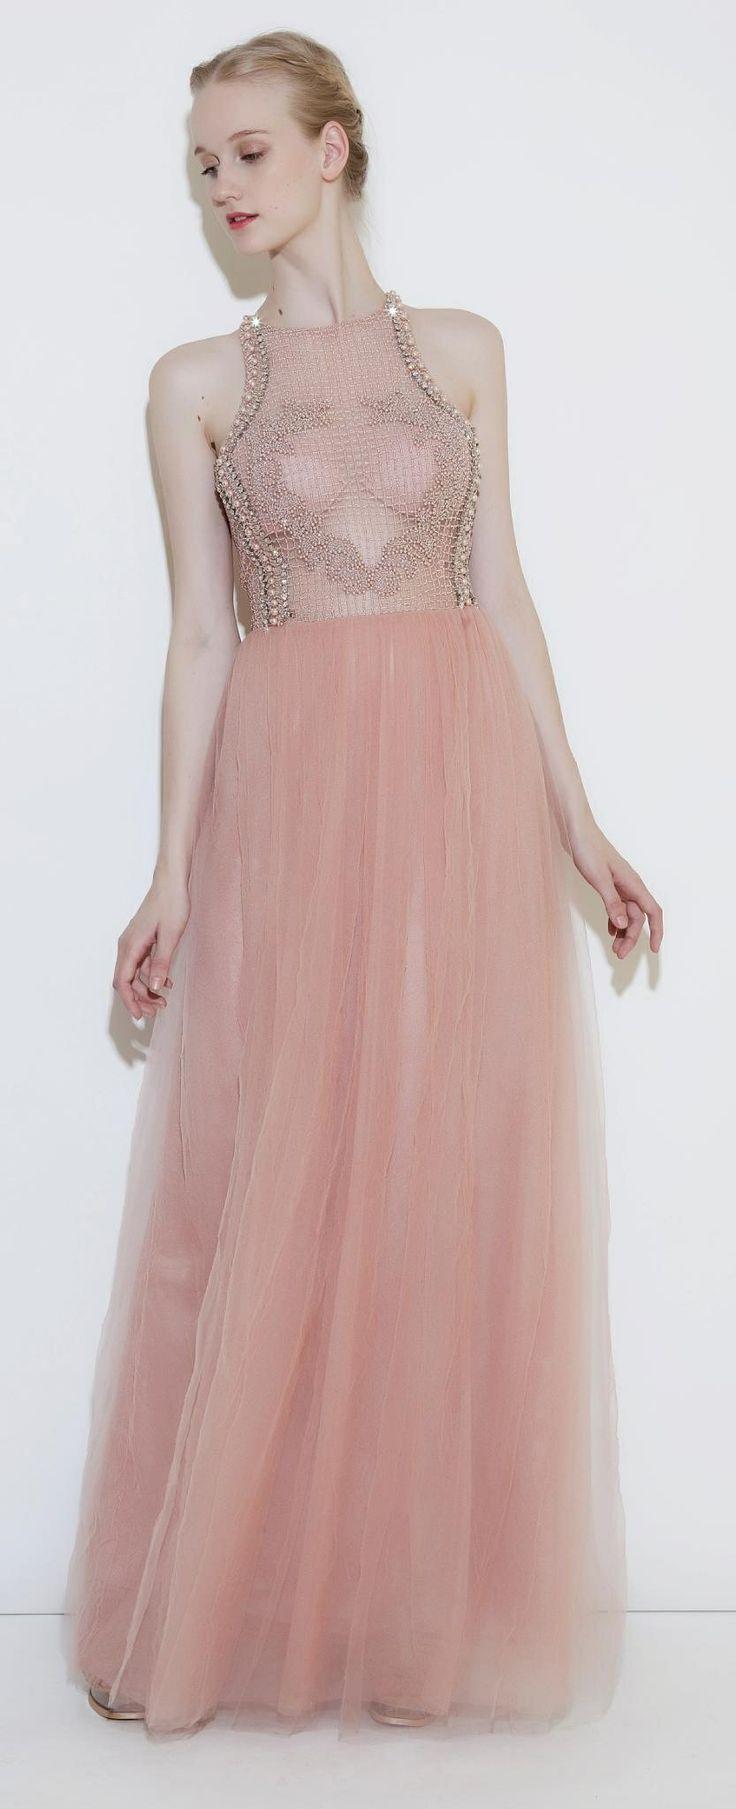 Mejores 38 imágenes de vestidos en Pinterest | Vestidos bonitos ...